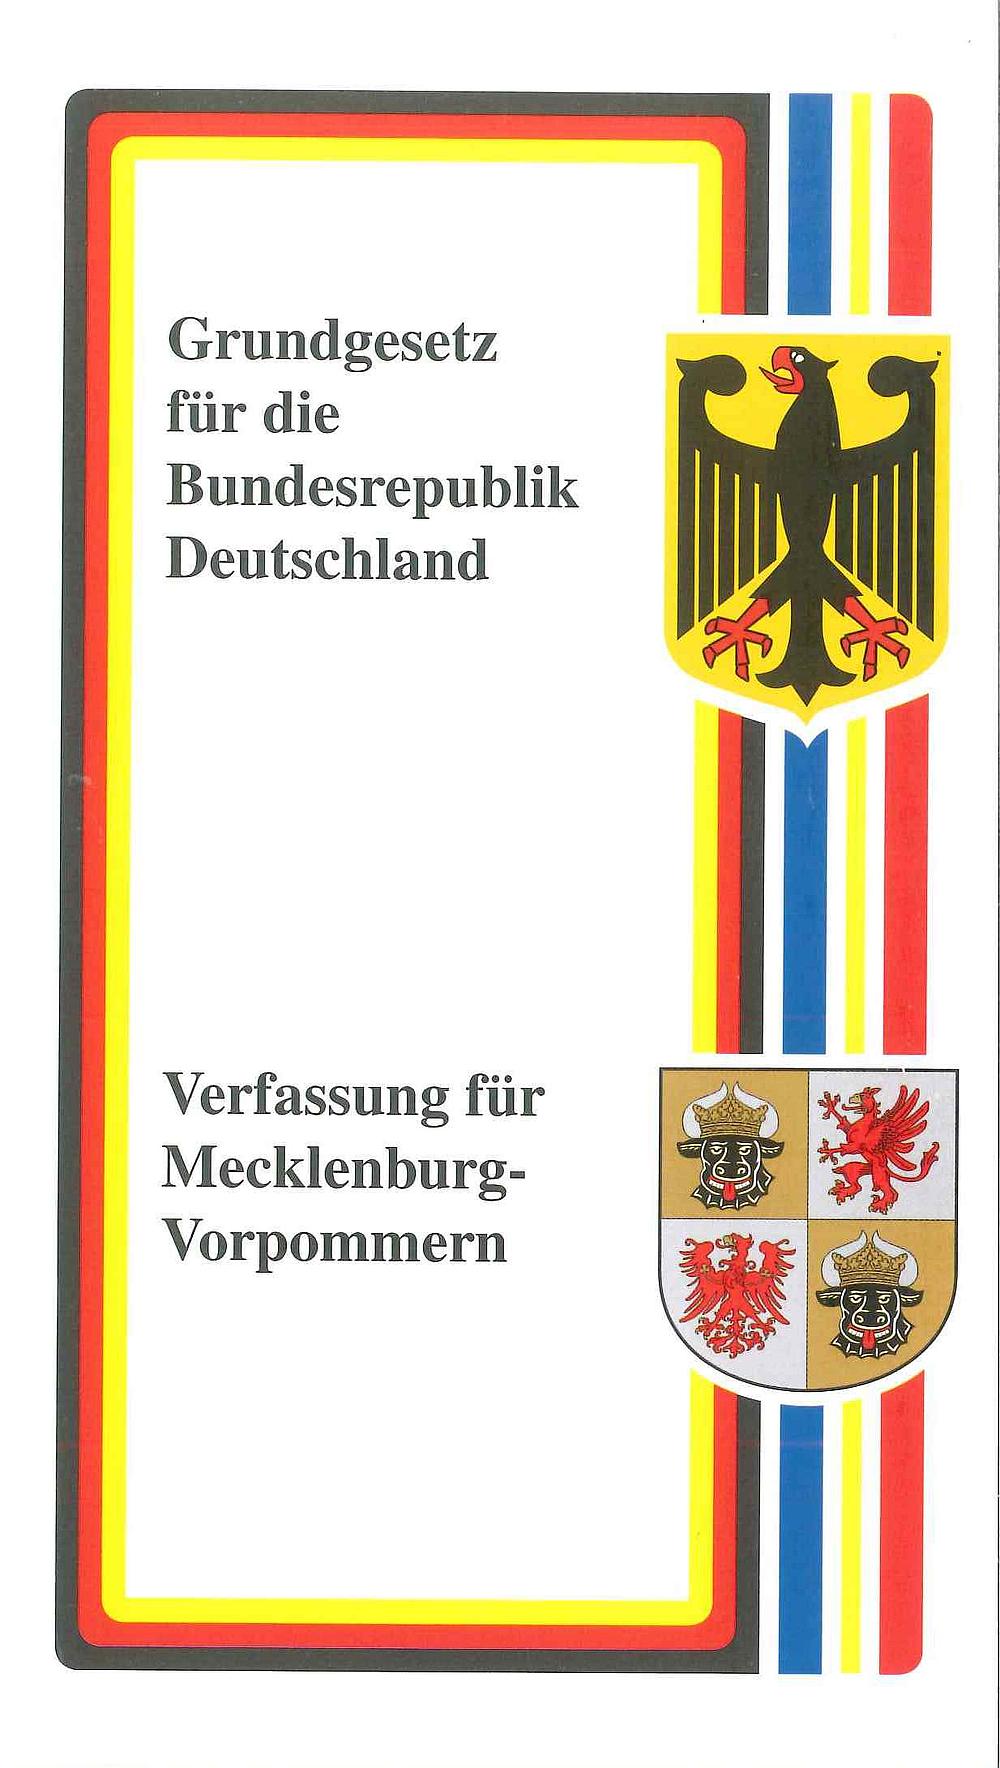 grundgesetz bundesrepublik deutschland